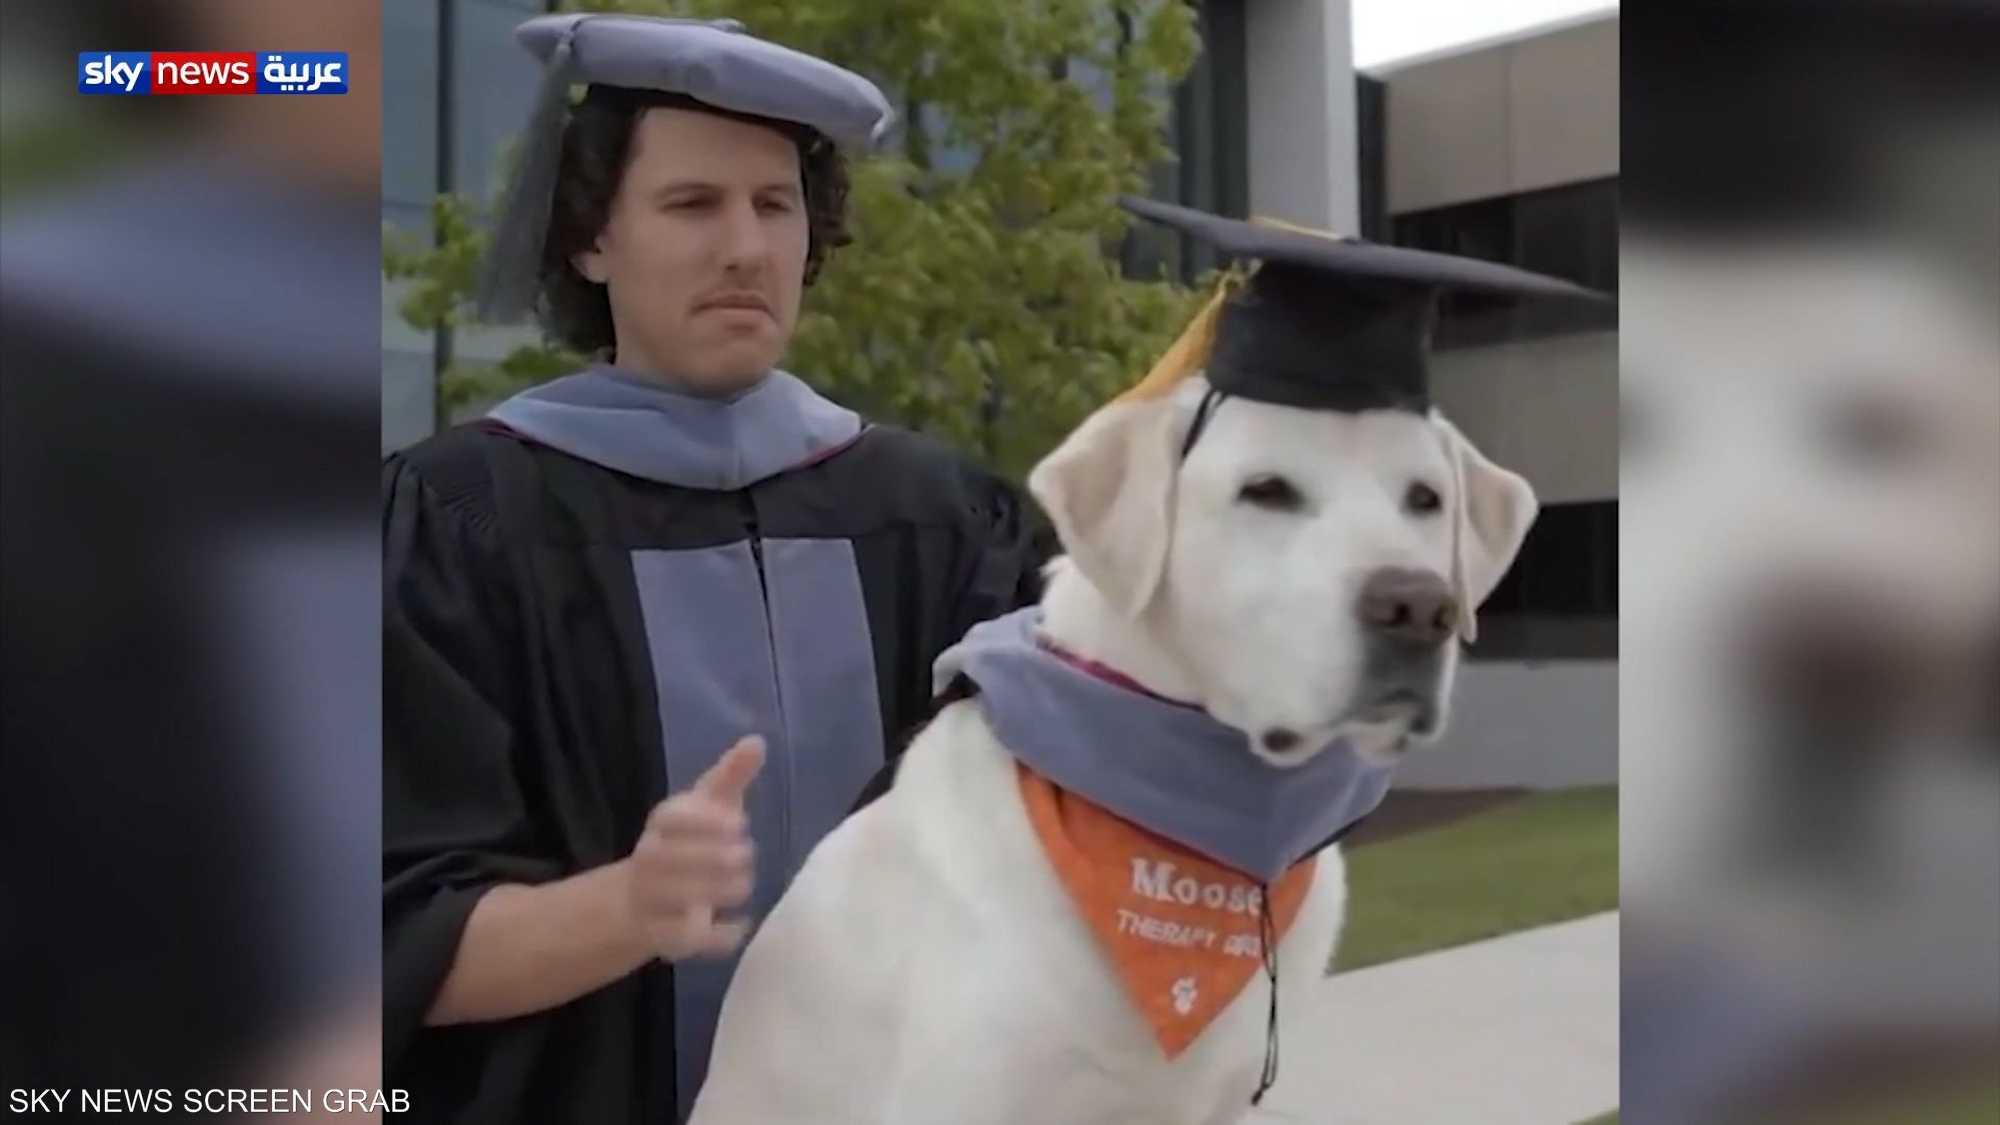 جامعة أمريكية تمنح كلبا شهادة دكتوراة فخرية